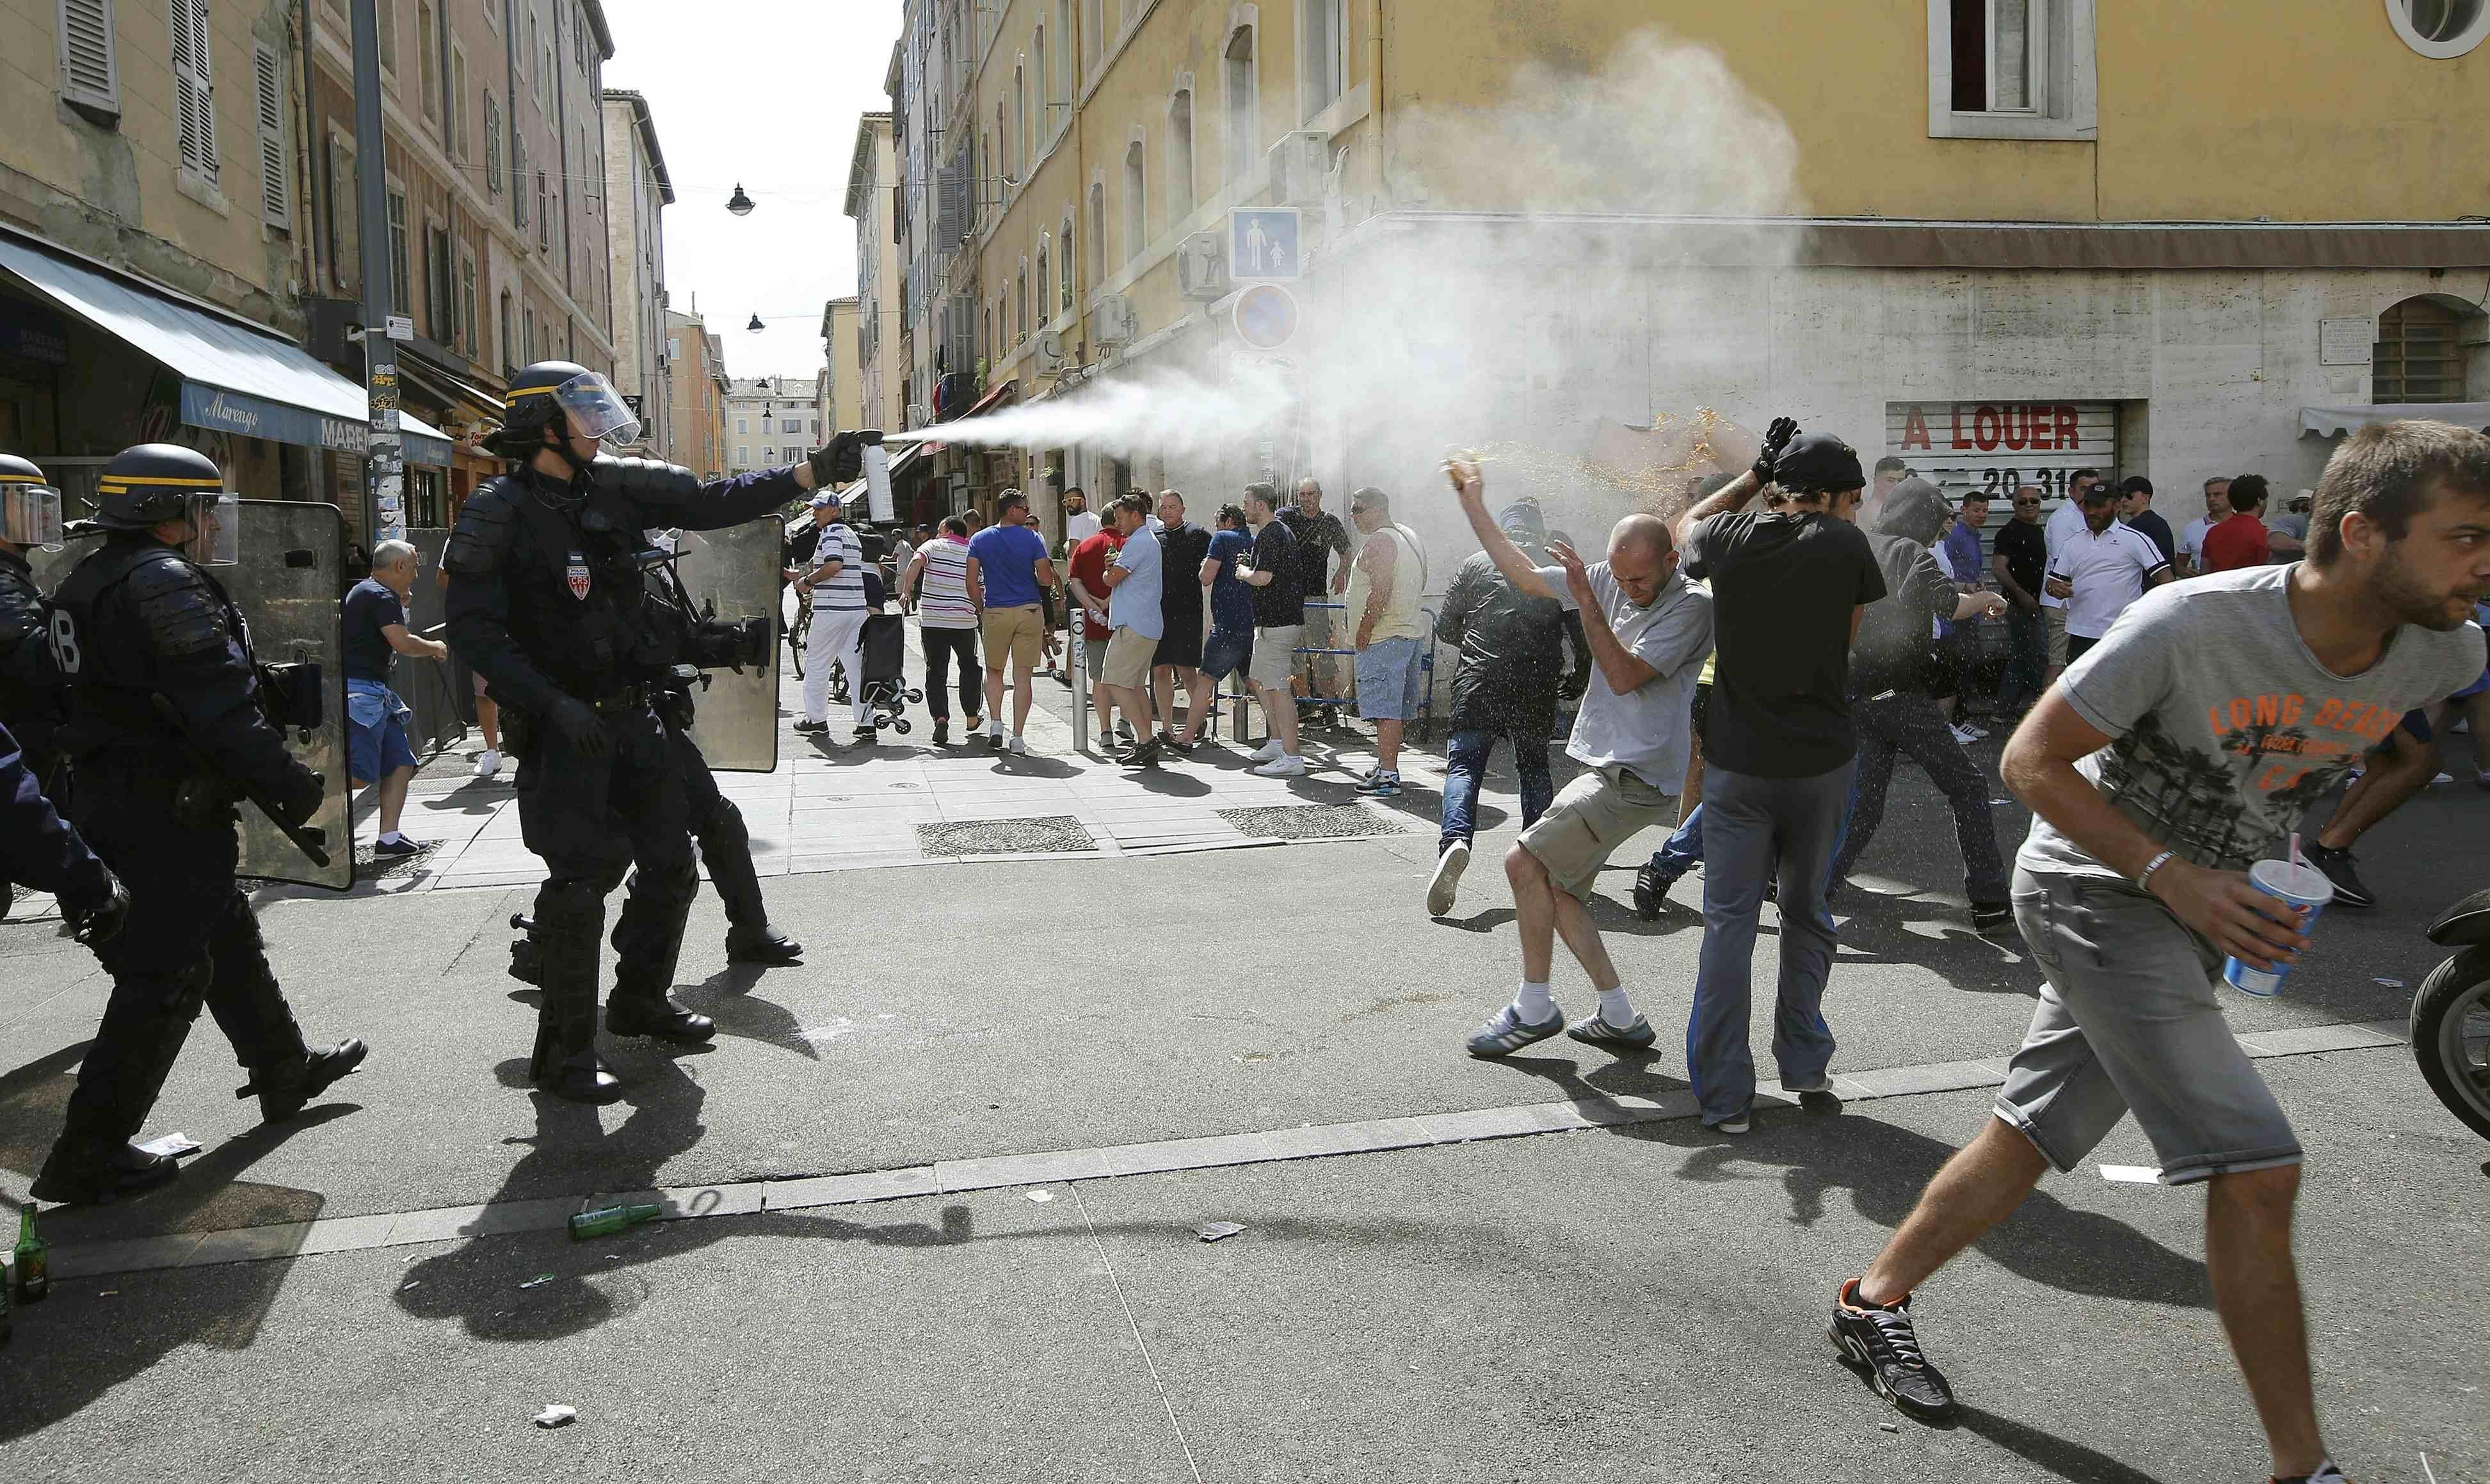 La police de Marseille utilise le gaz lacrimogène contre des fans en marge d'un match de l'Euro 2016